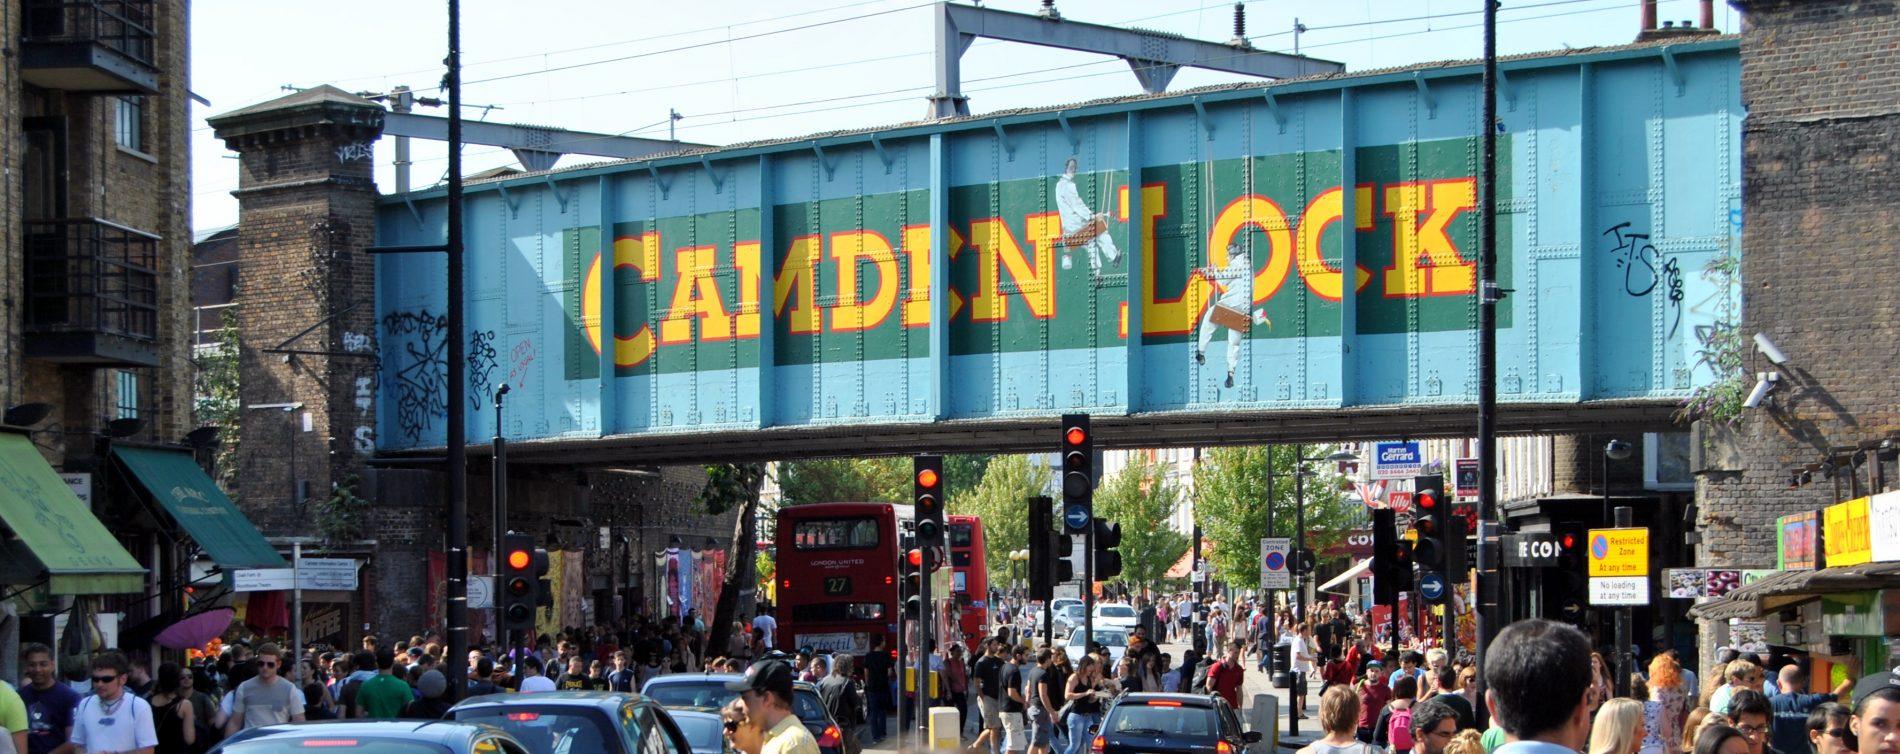 Camden Lock. Visitar Londres